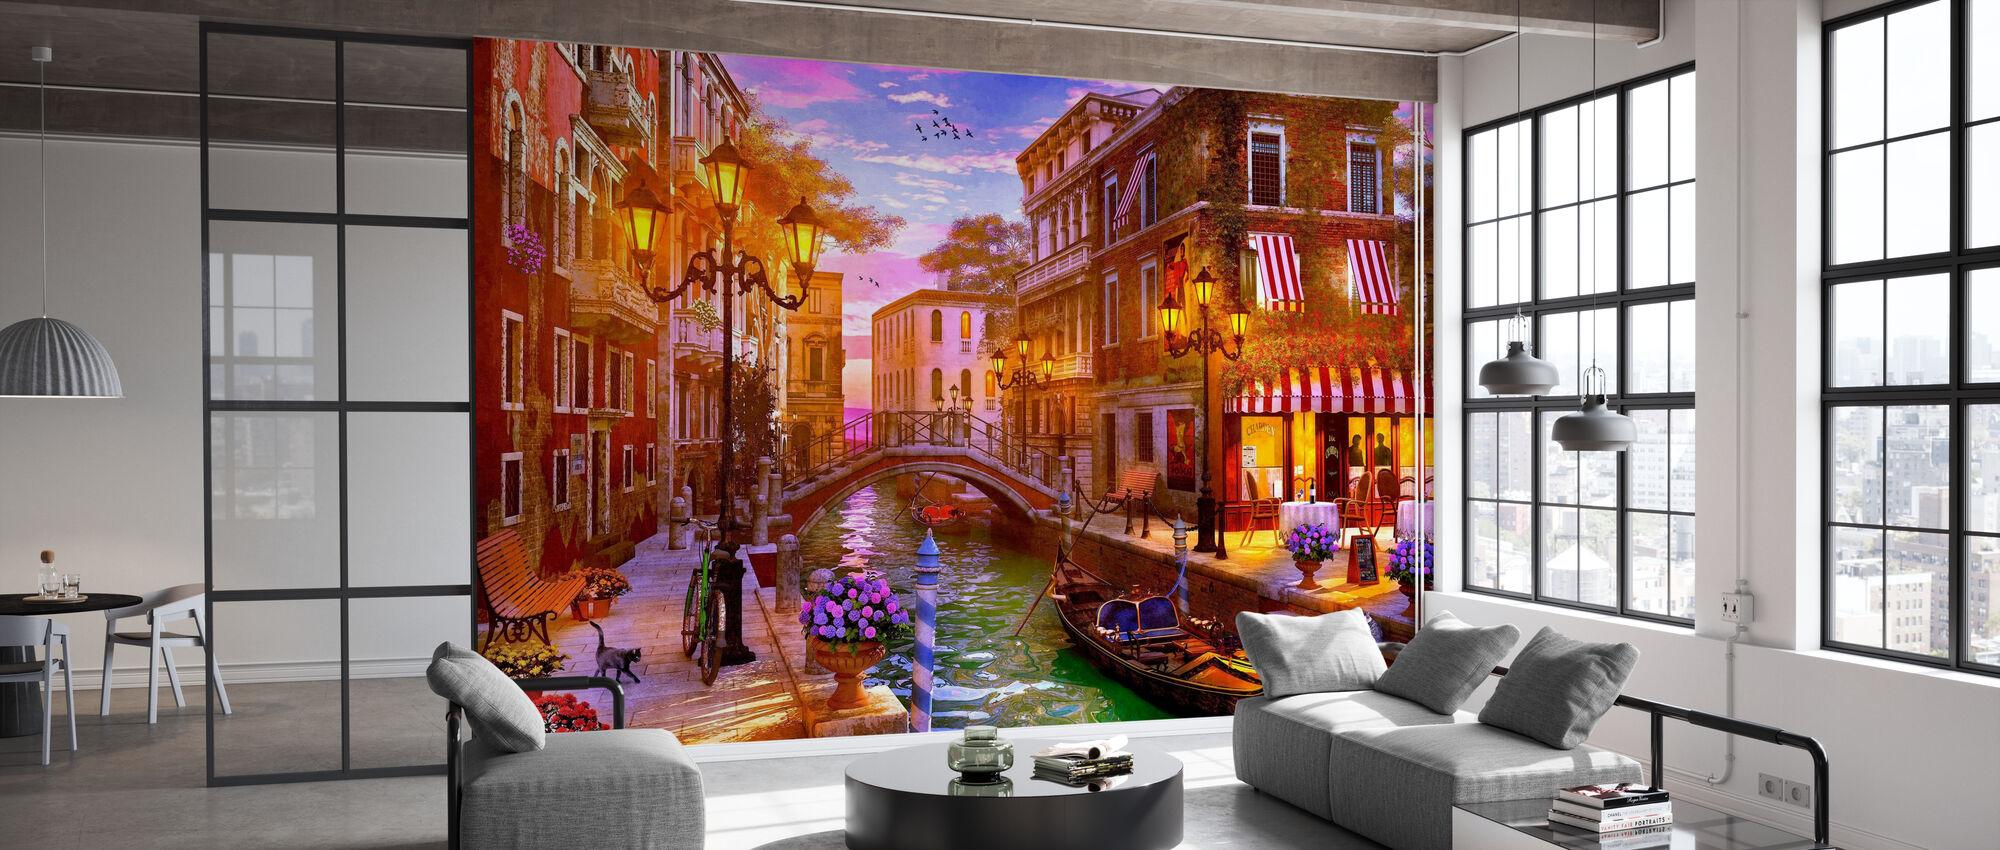 Evening Gondola Ride - Wallpaper - Office